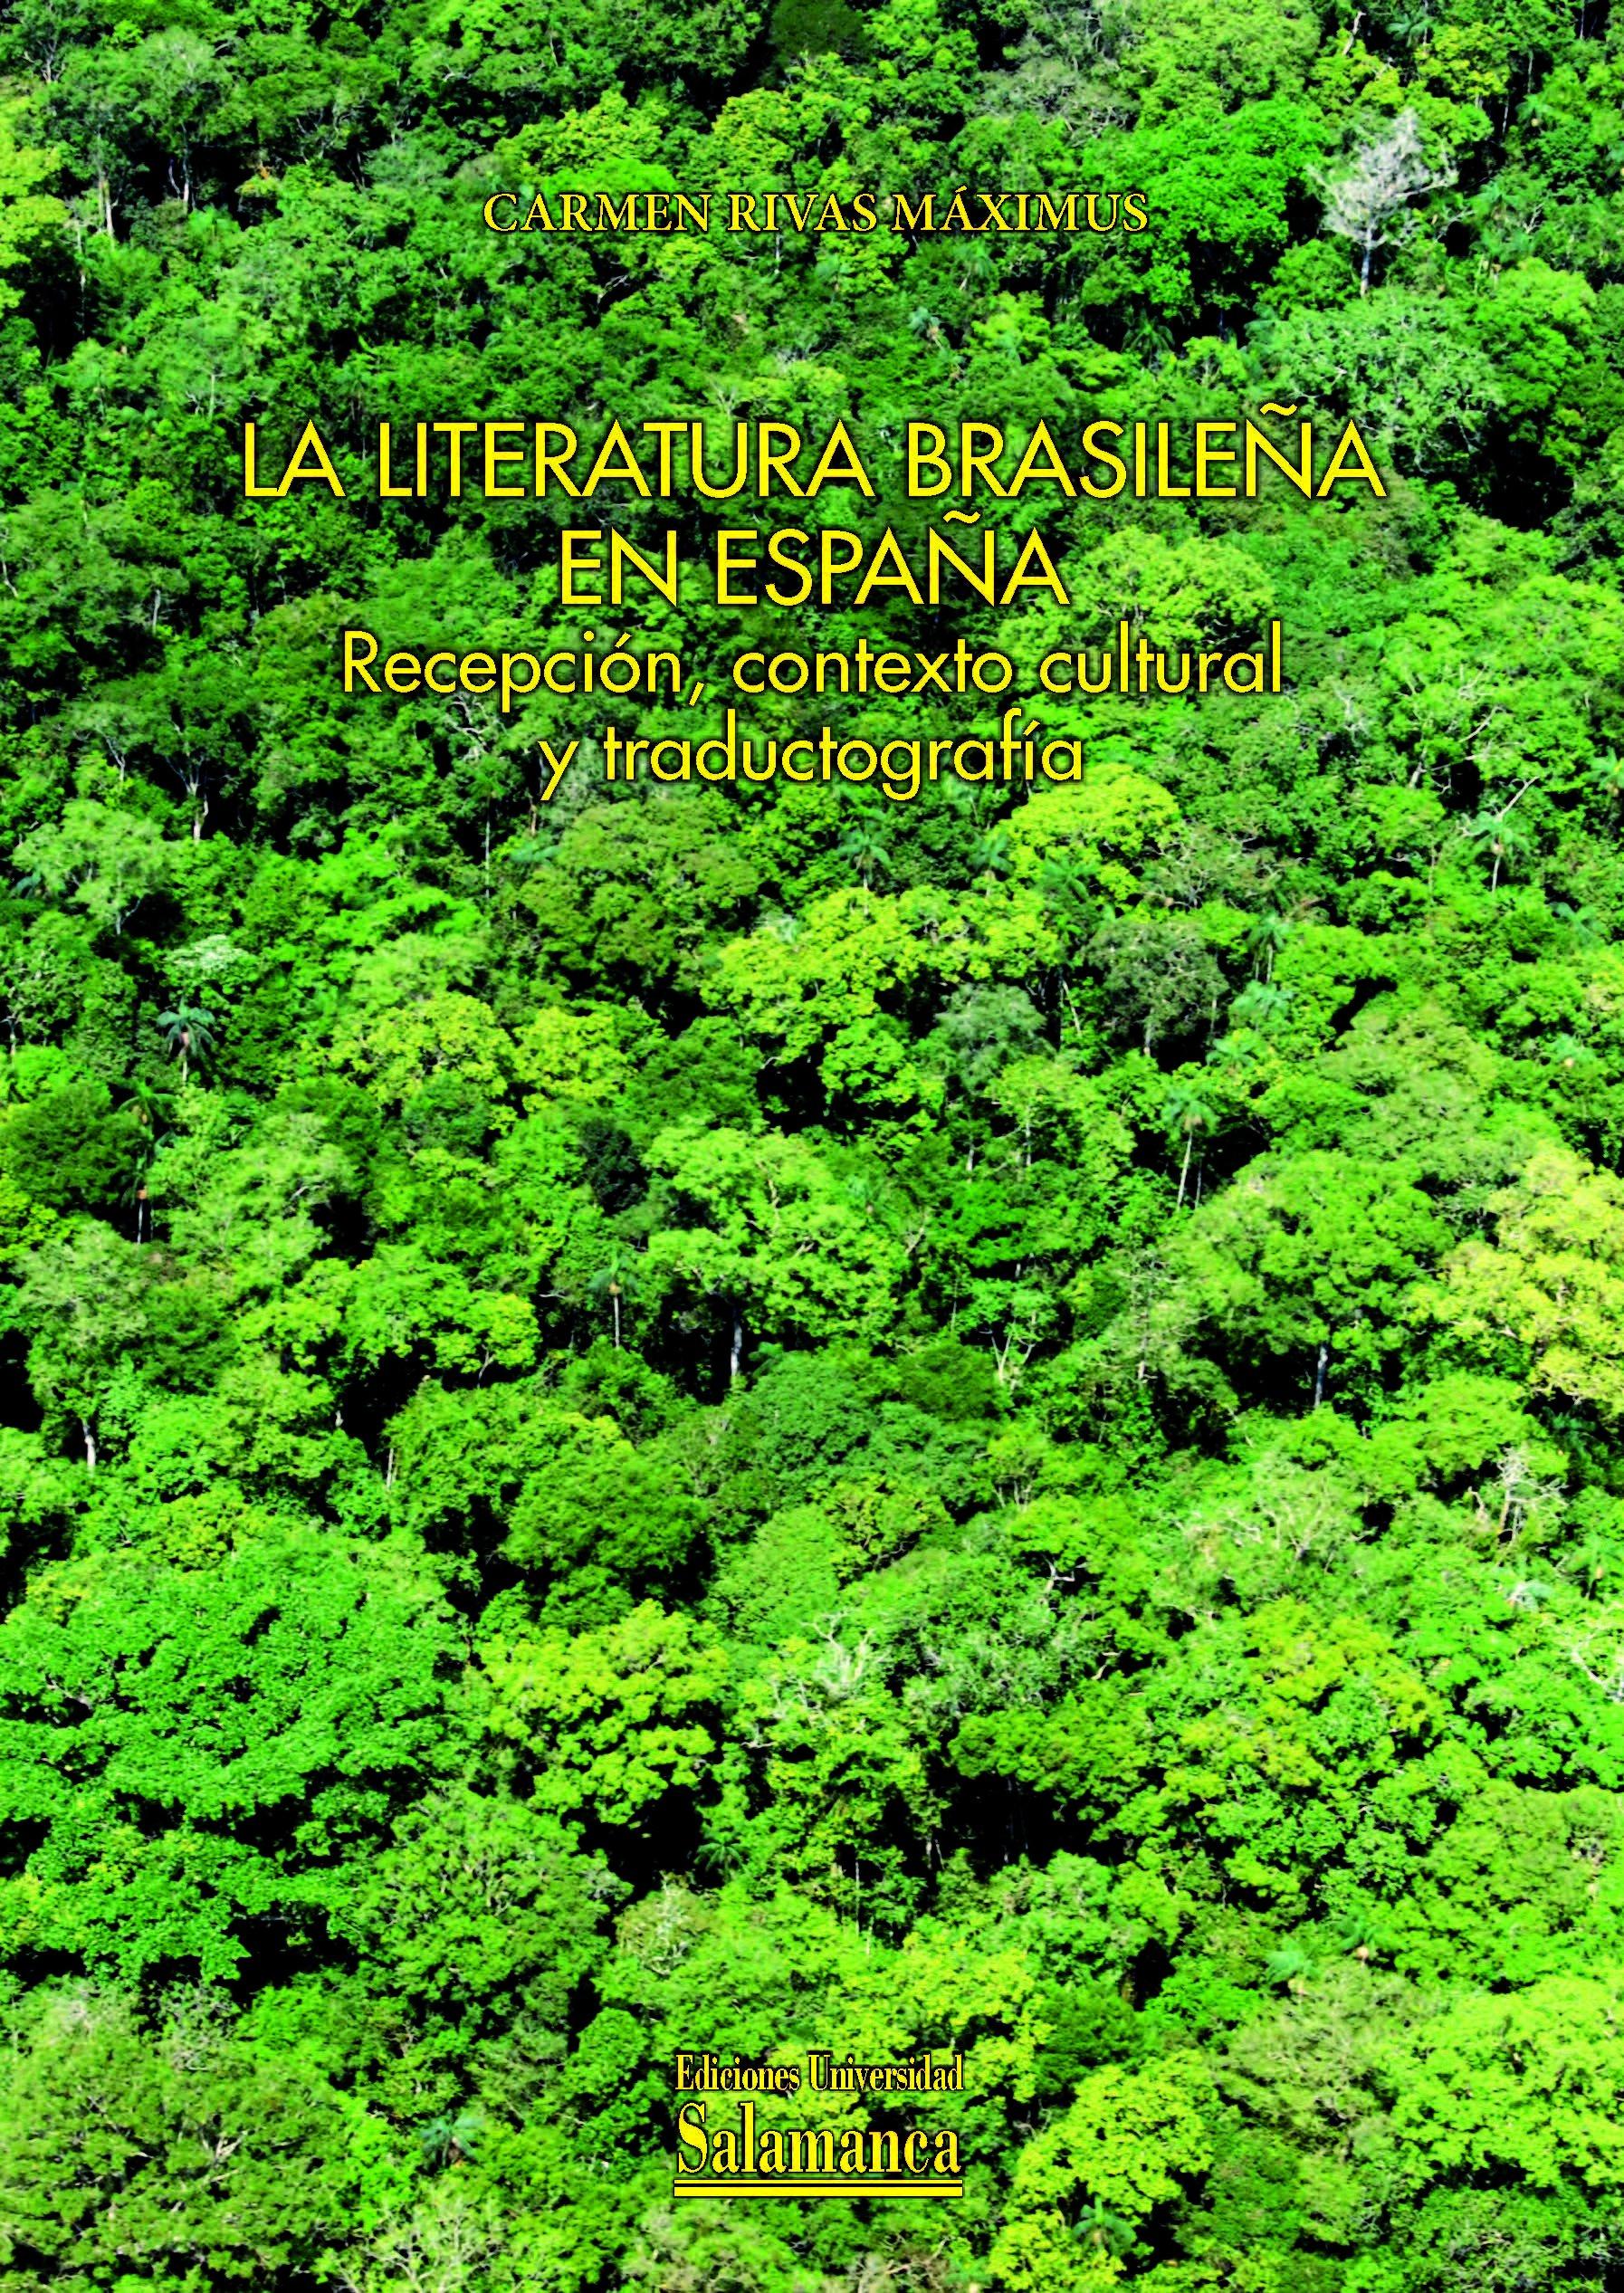 La literatura brasileña en España. Recepción, contexto cultural y traductografía: Amazon.es: Rivas Máximus, Carmen: Libros